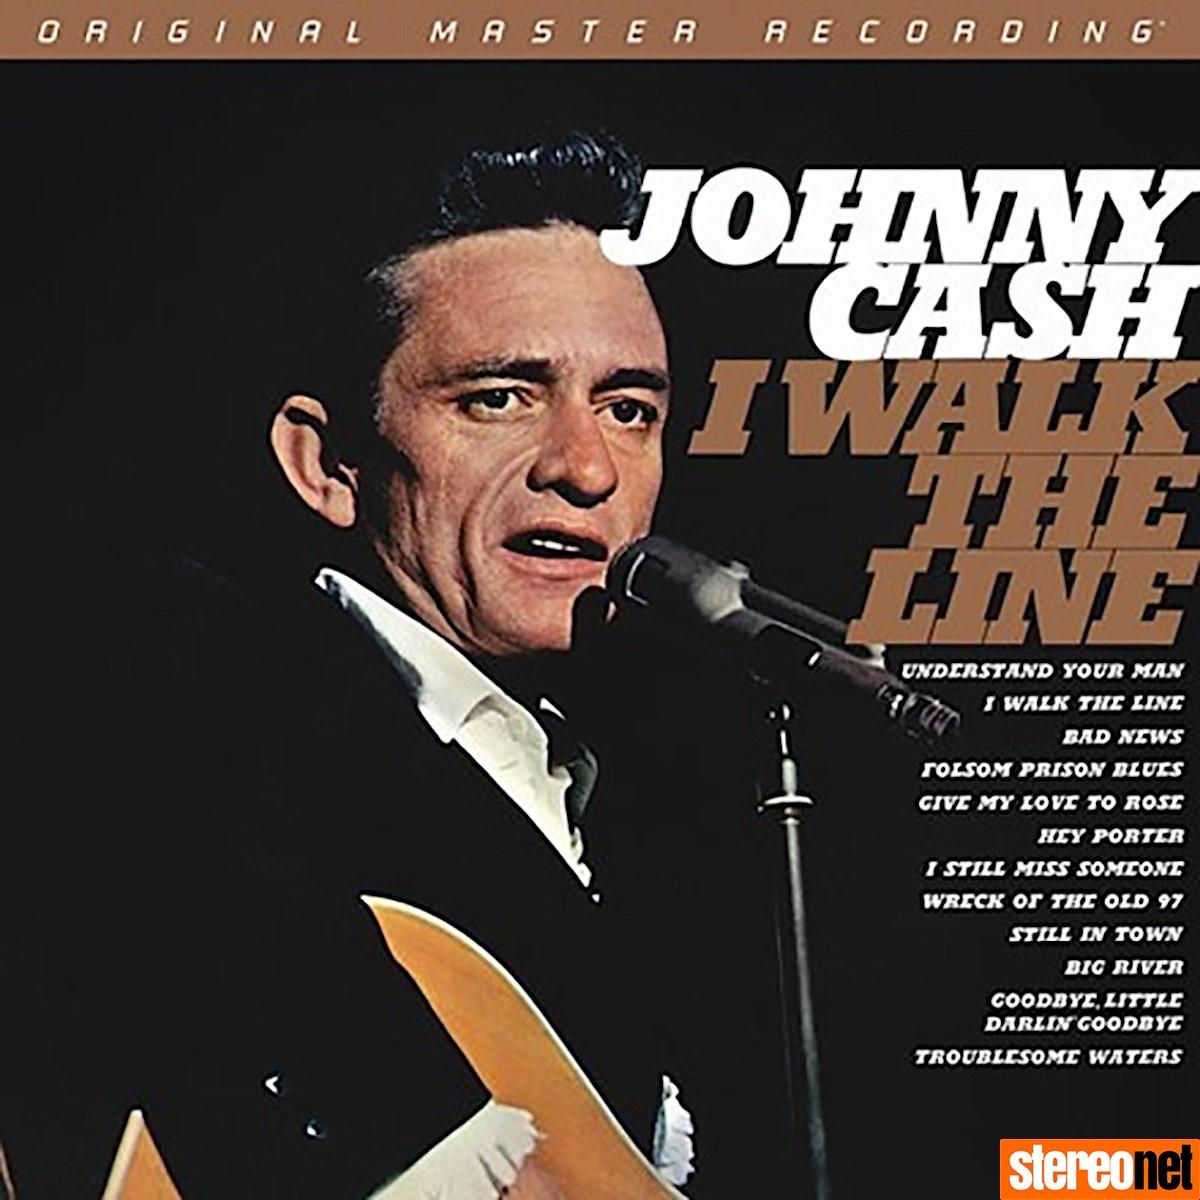 MoFi Johnny Cash I Walk The Line Review